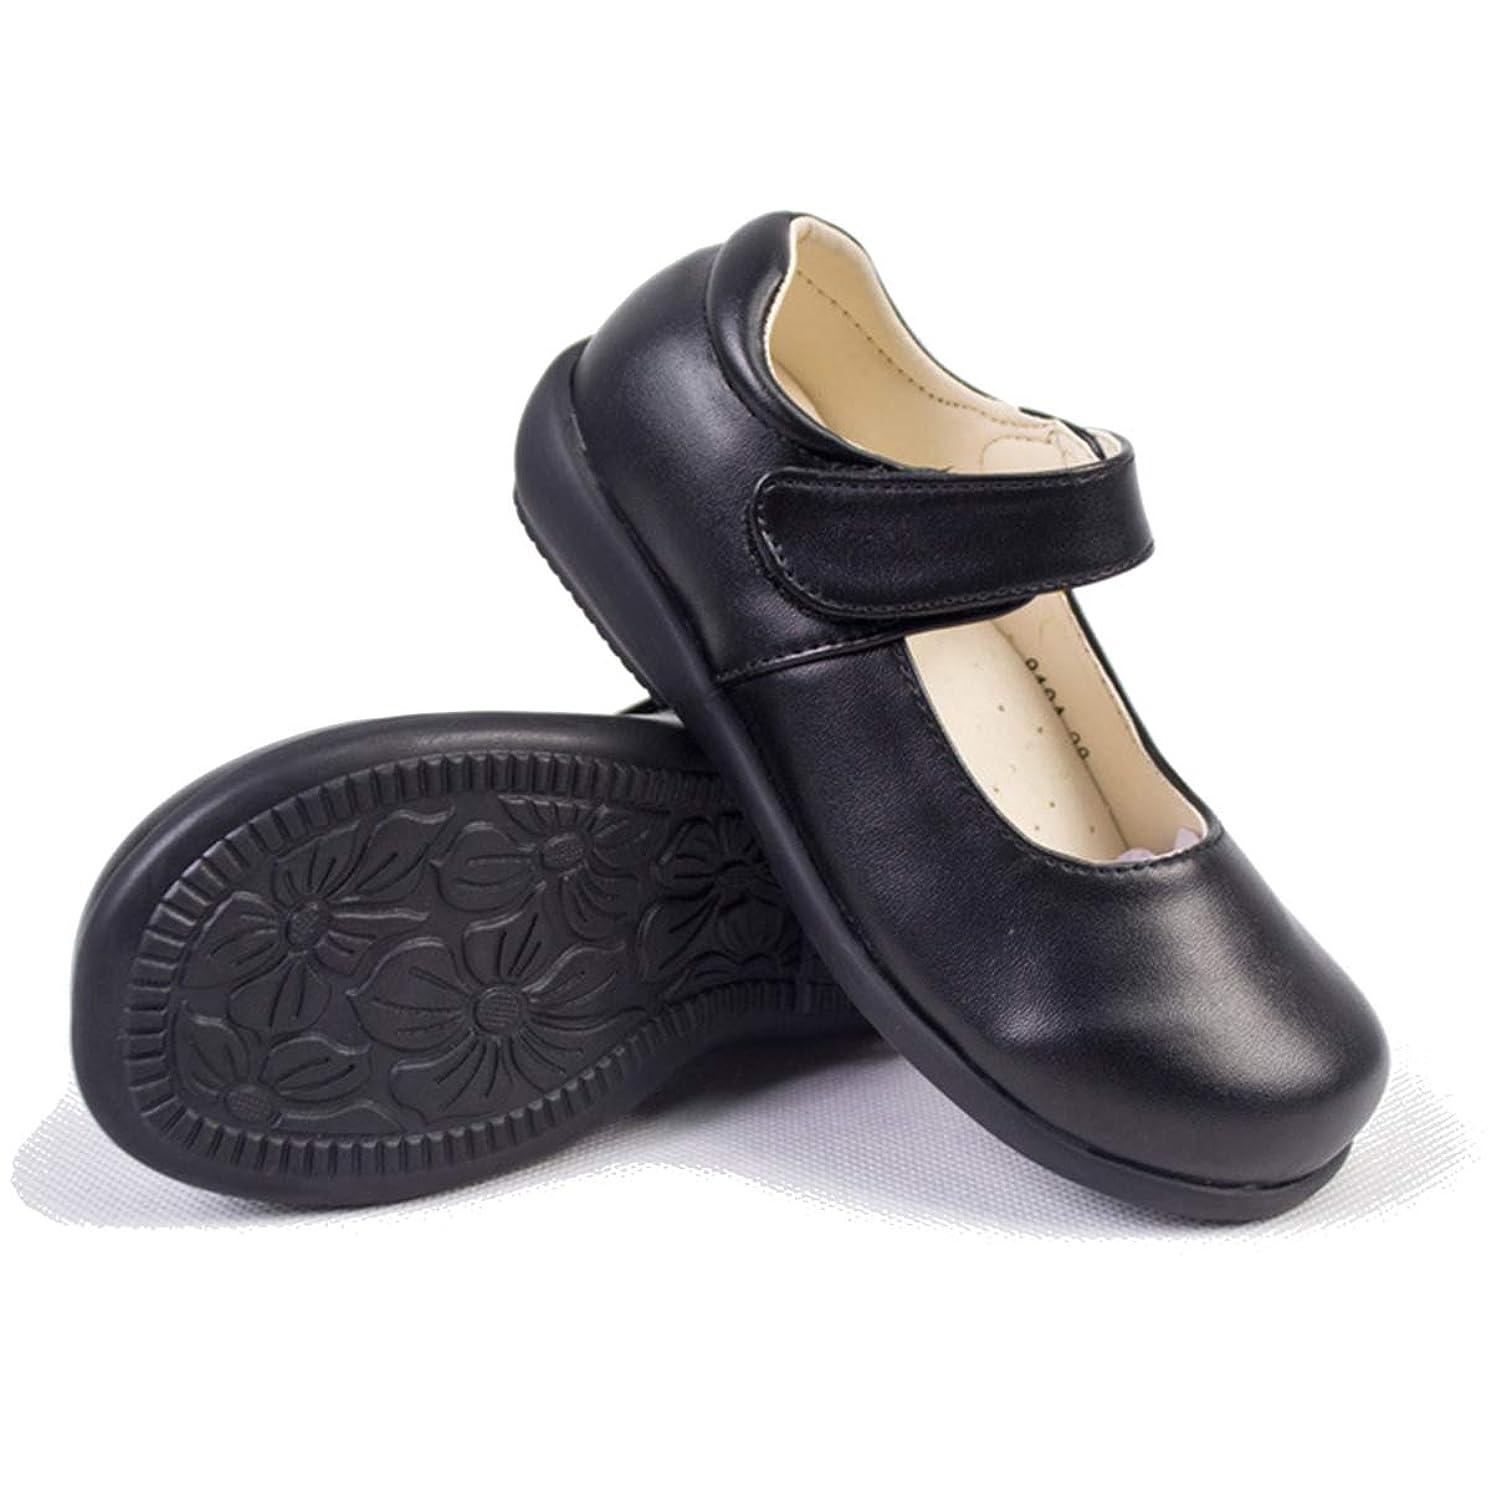 発症死ぬ速い[ヴィンモリ] フォーマルシューズ フラット パンプス 女の子 子供 キッズ マット 靴 結婚式 入学式 卒業式 卒園式 お受験 滑り止め 発表会 七五三17cm-24cm